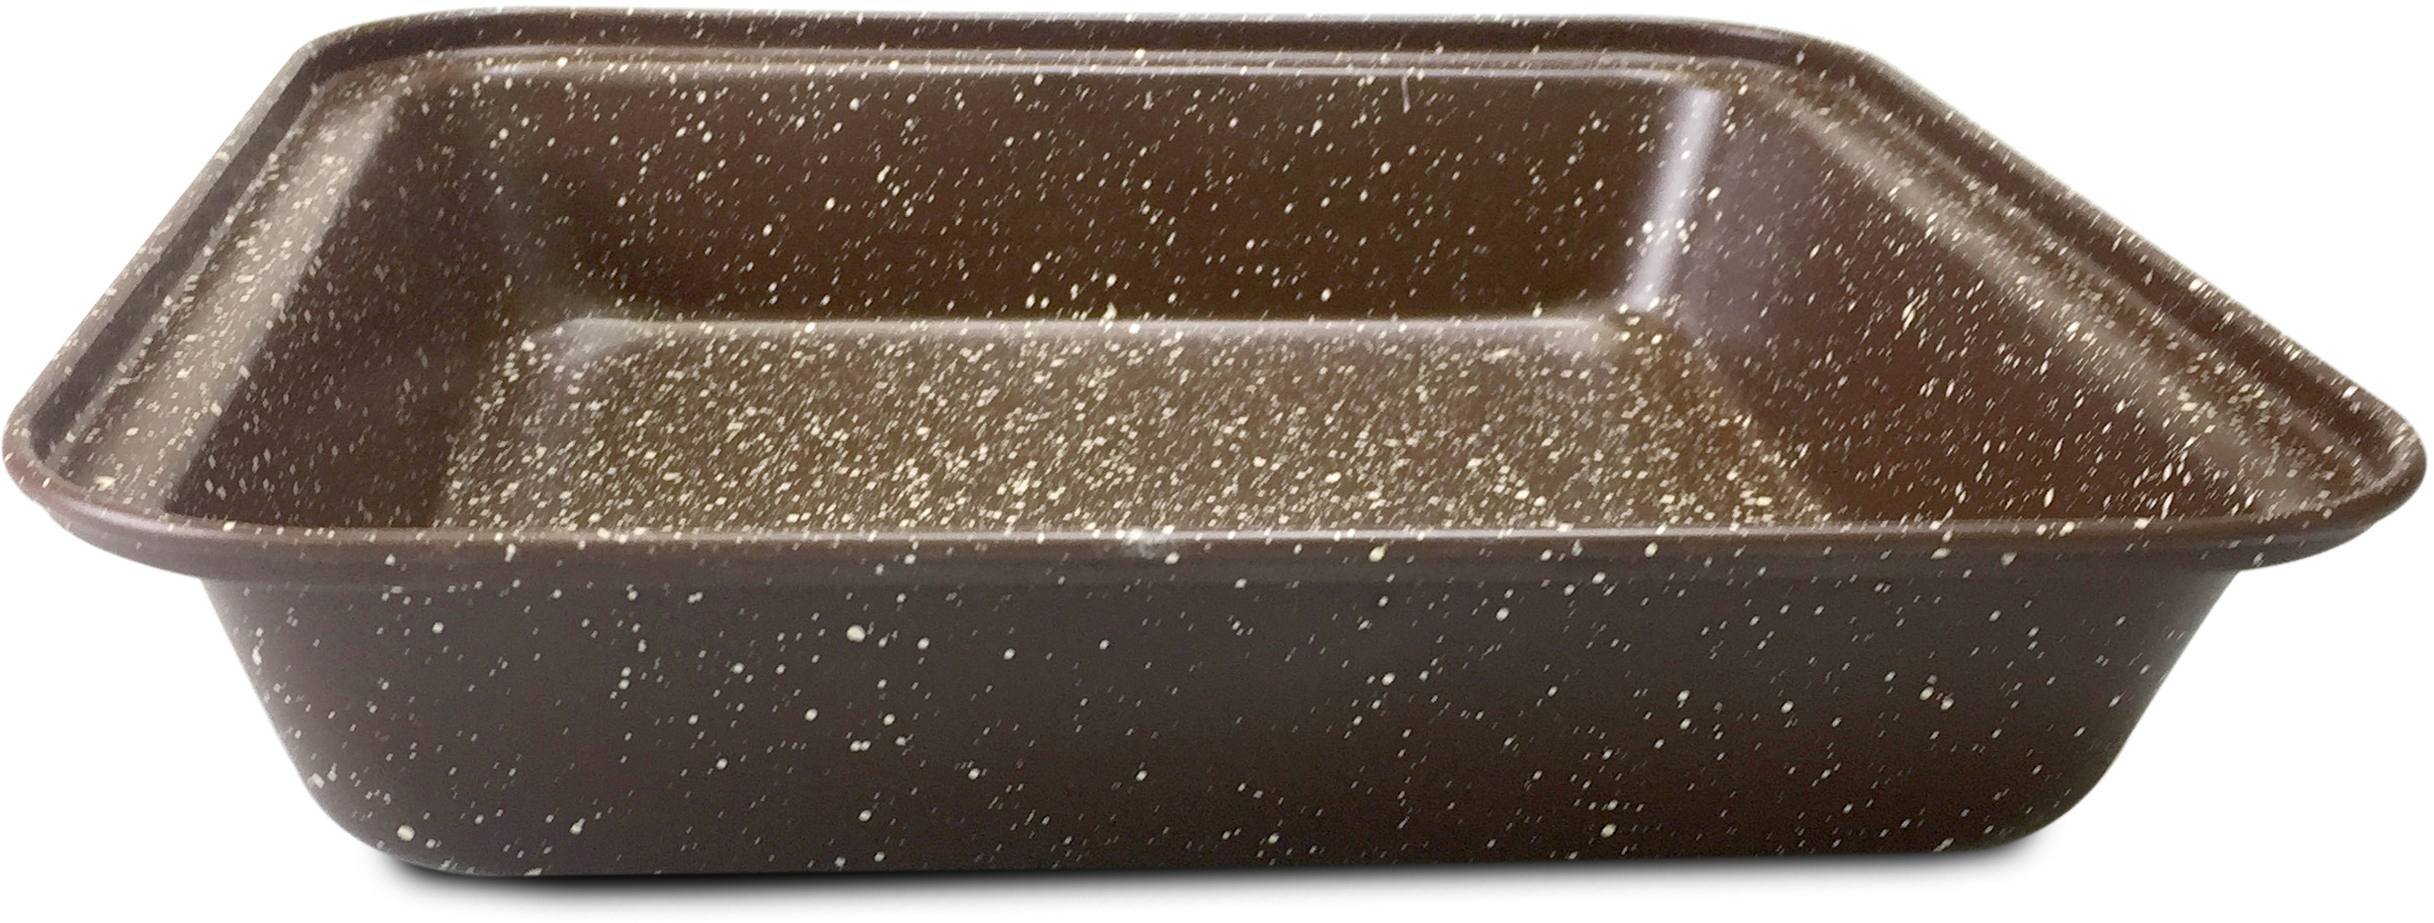 Форма для кекса Moulinvilla Вrownstone, 23 х 22 х 5 смBBWP-024Долговечное, устойчивое к повреждениям, износостойкое; Легко моется, готовит без масла, равномерно распределяет тепло; Можно мыть в посудомоечной машине.